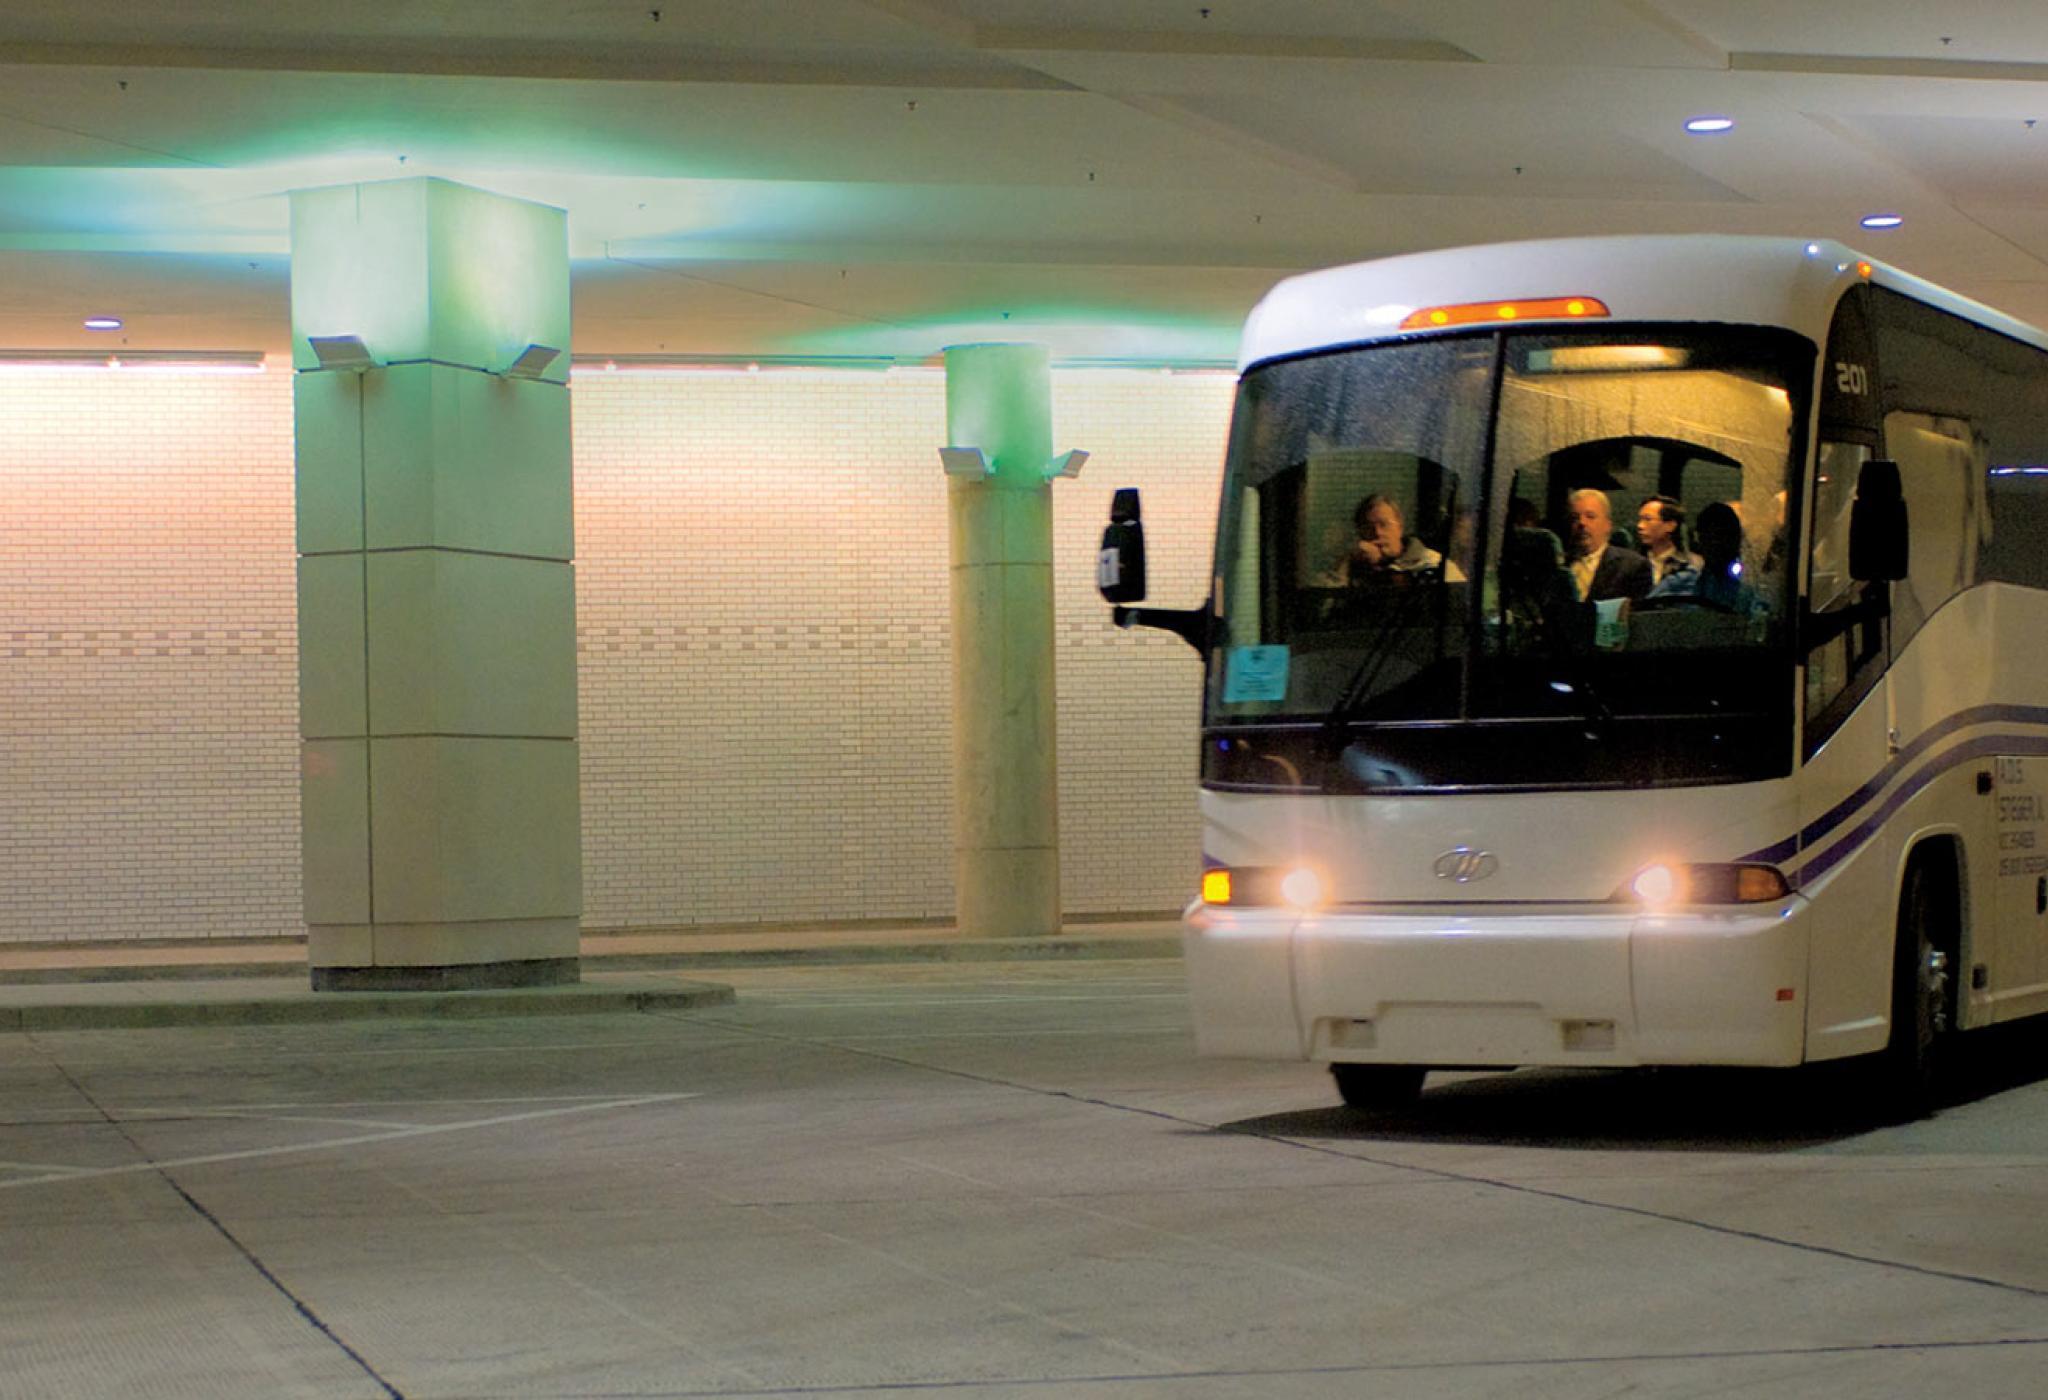 Dec 03, · 28 reviews of Greyhound Bus Lines